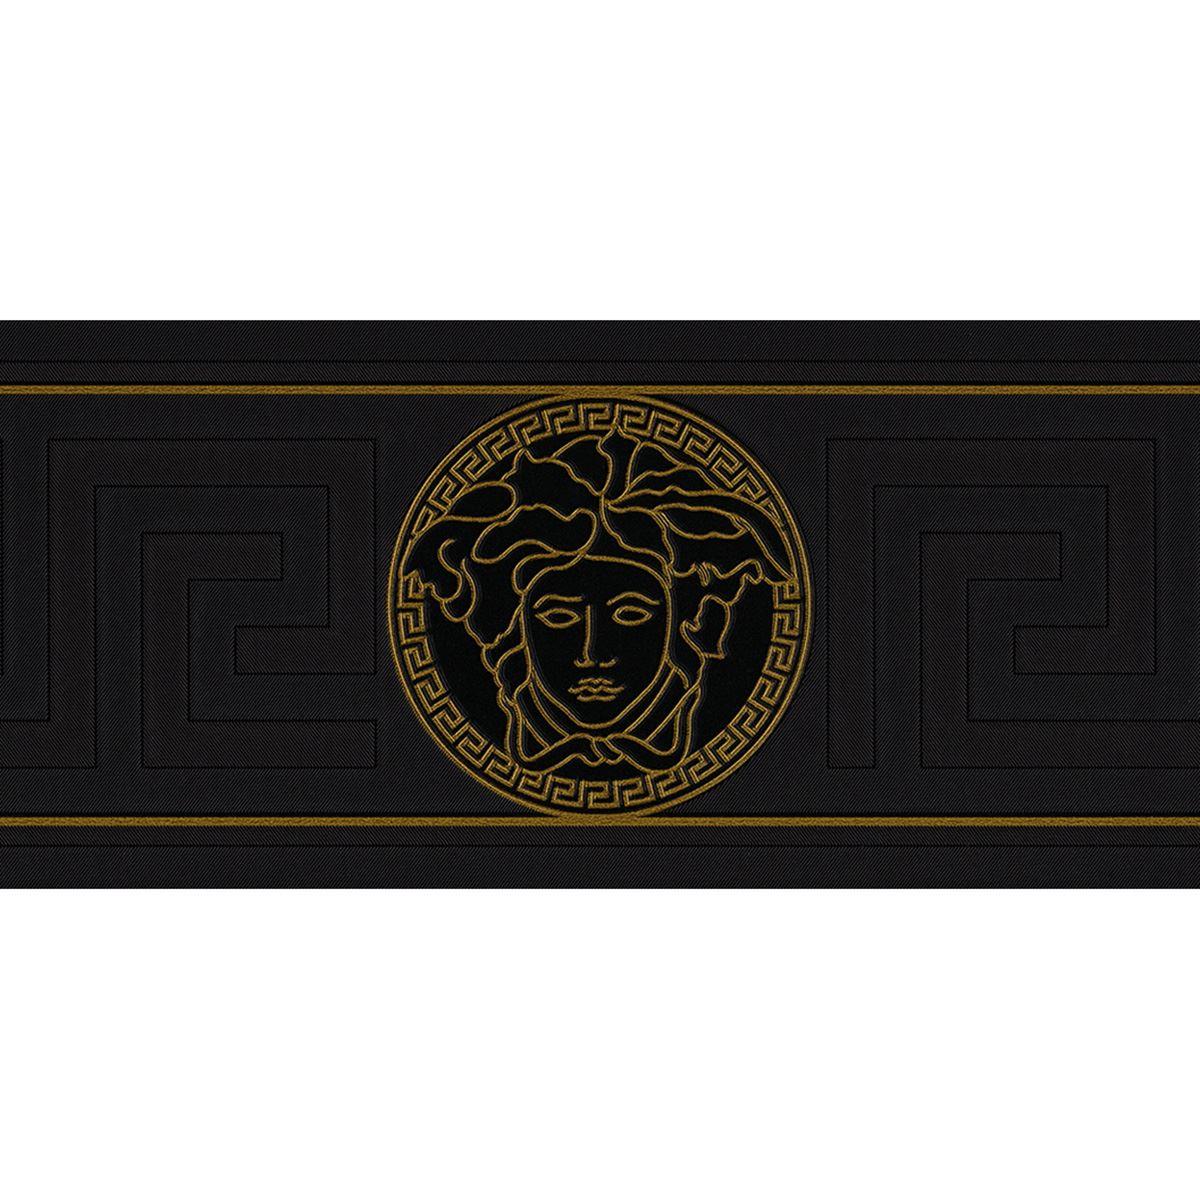 Versace Greek Key Wallpaper Border Medusa Head Designer Black 935224 Ebay